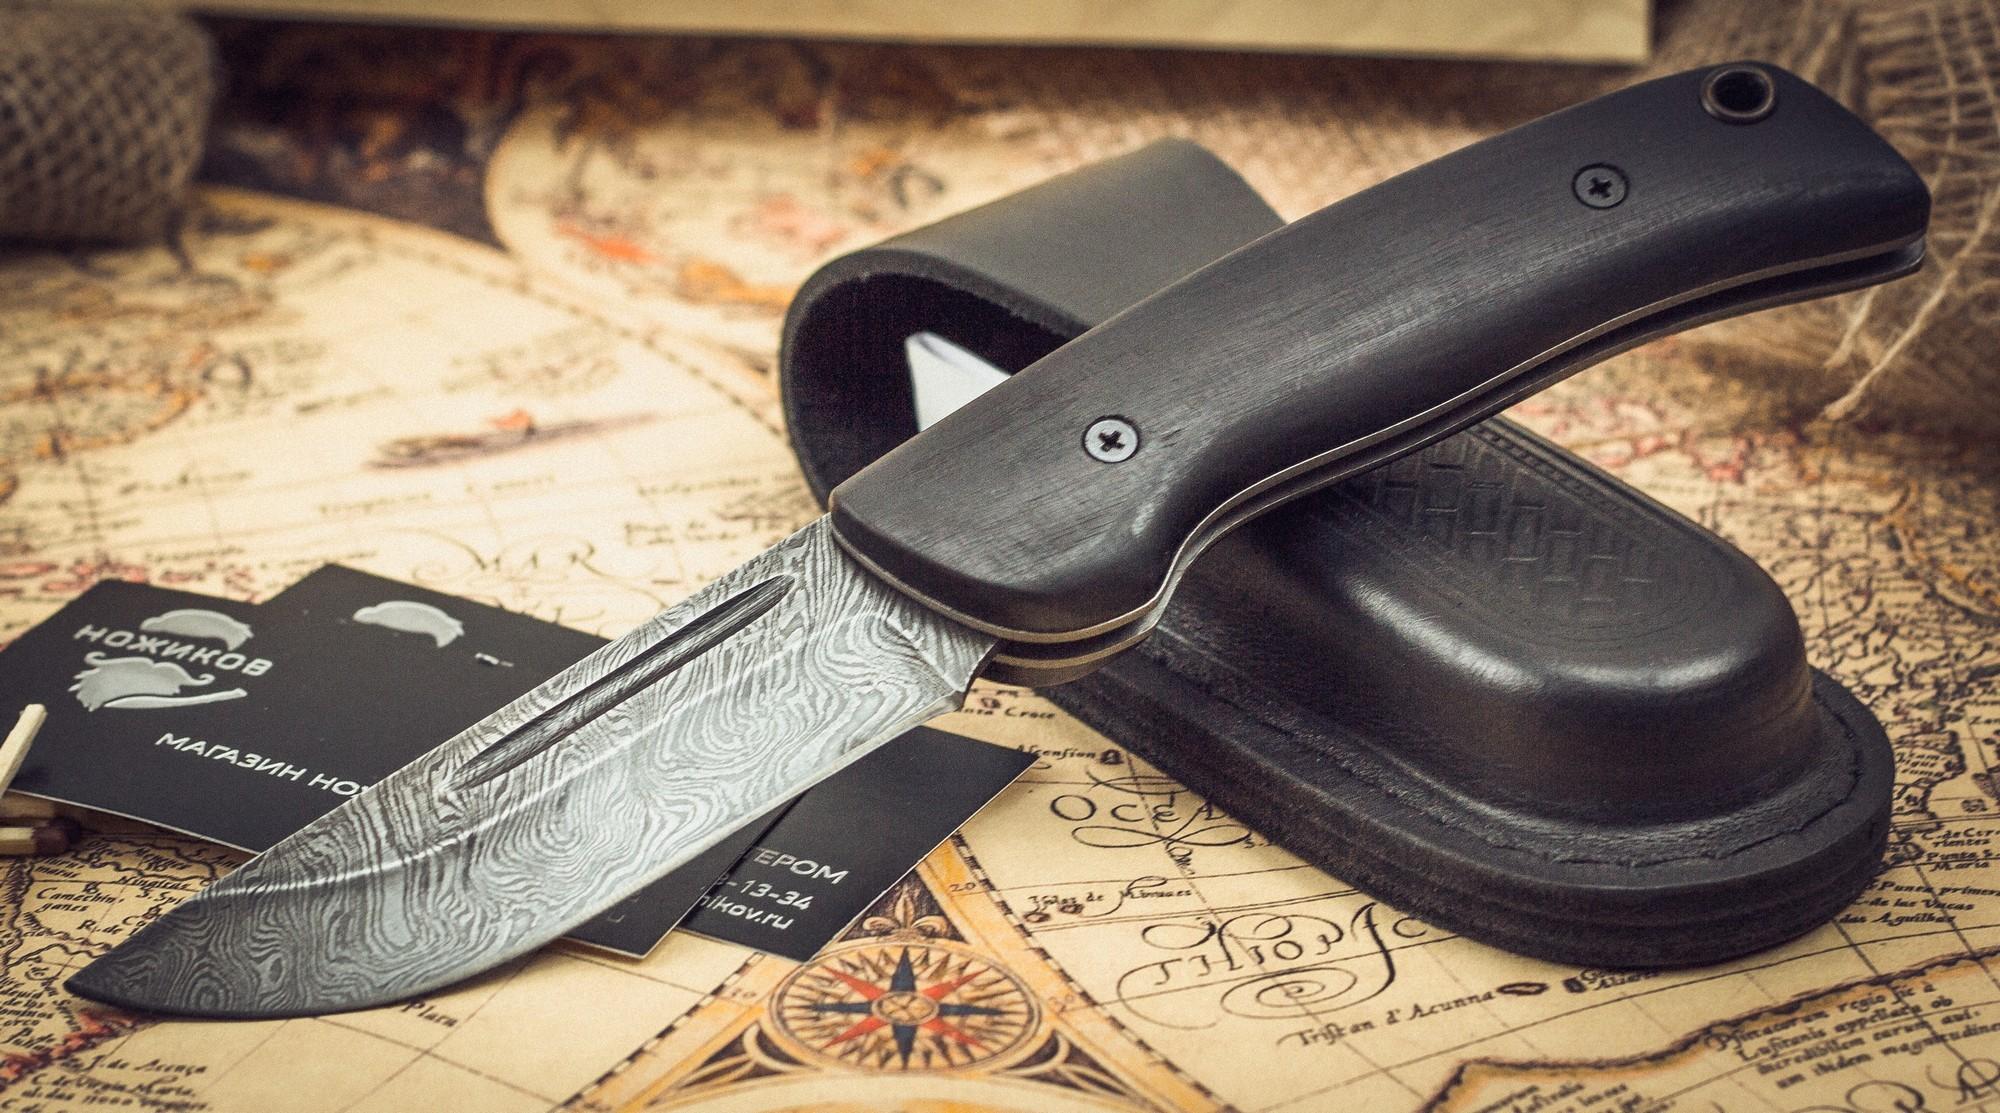 Фото 7 - Складной нож Морвин, дамаск, граб от Марычев